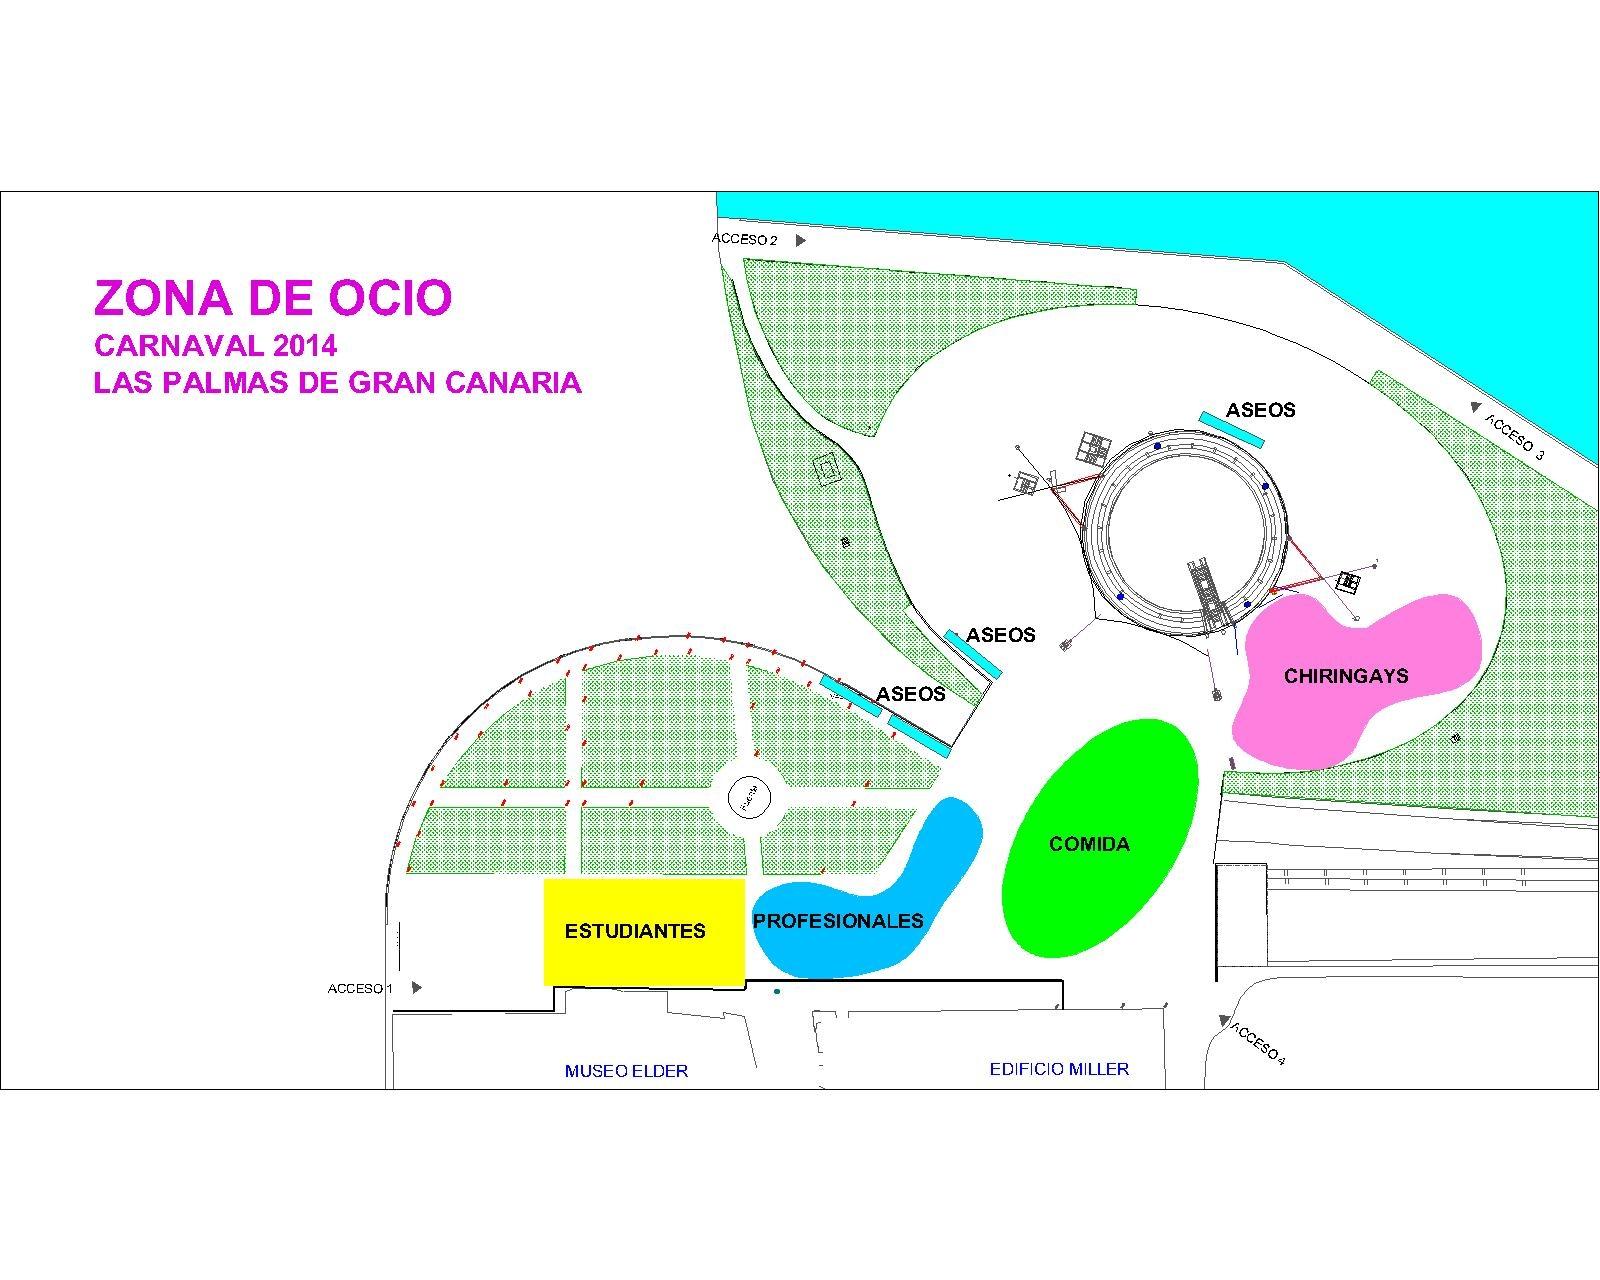 El Ayuntamiento cierra el viernes el plazo de inscripción para participar en la zona de ocio del Carnaval del Mundo de la Fantasía